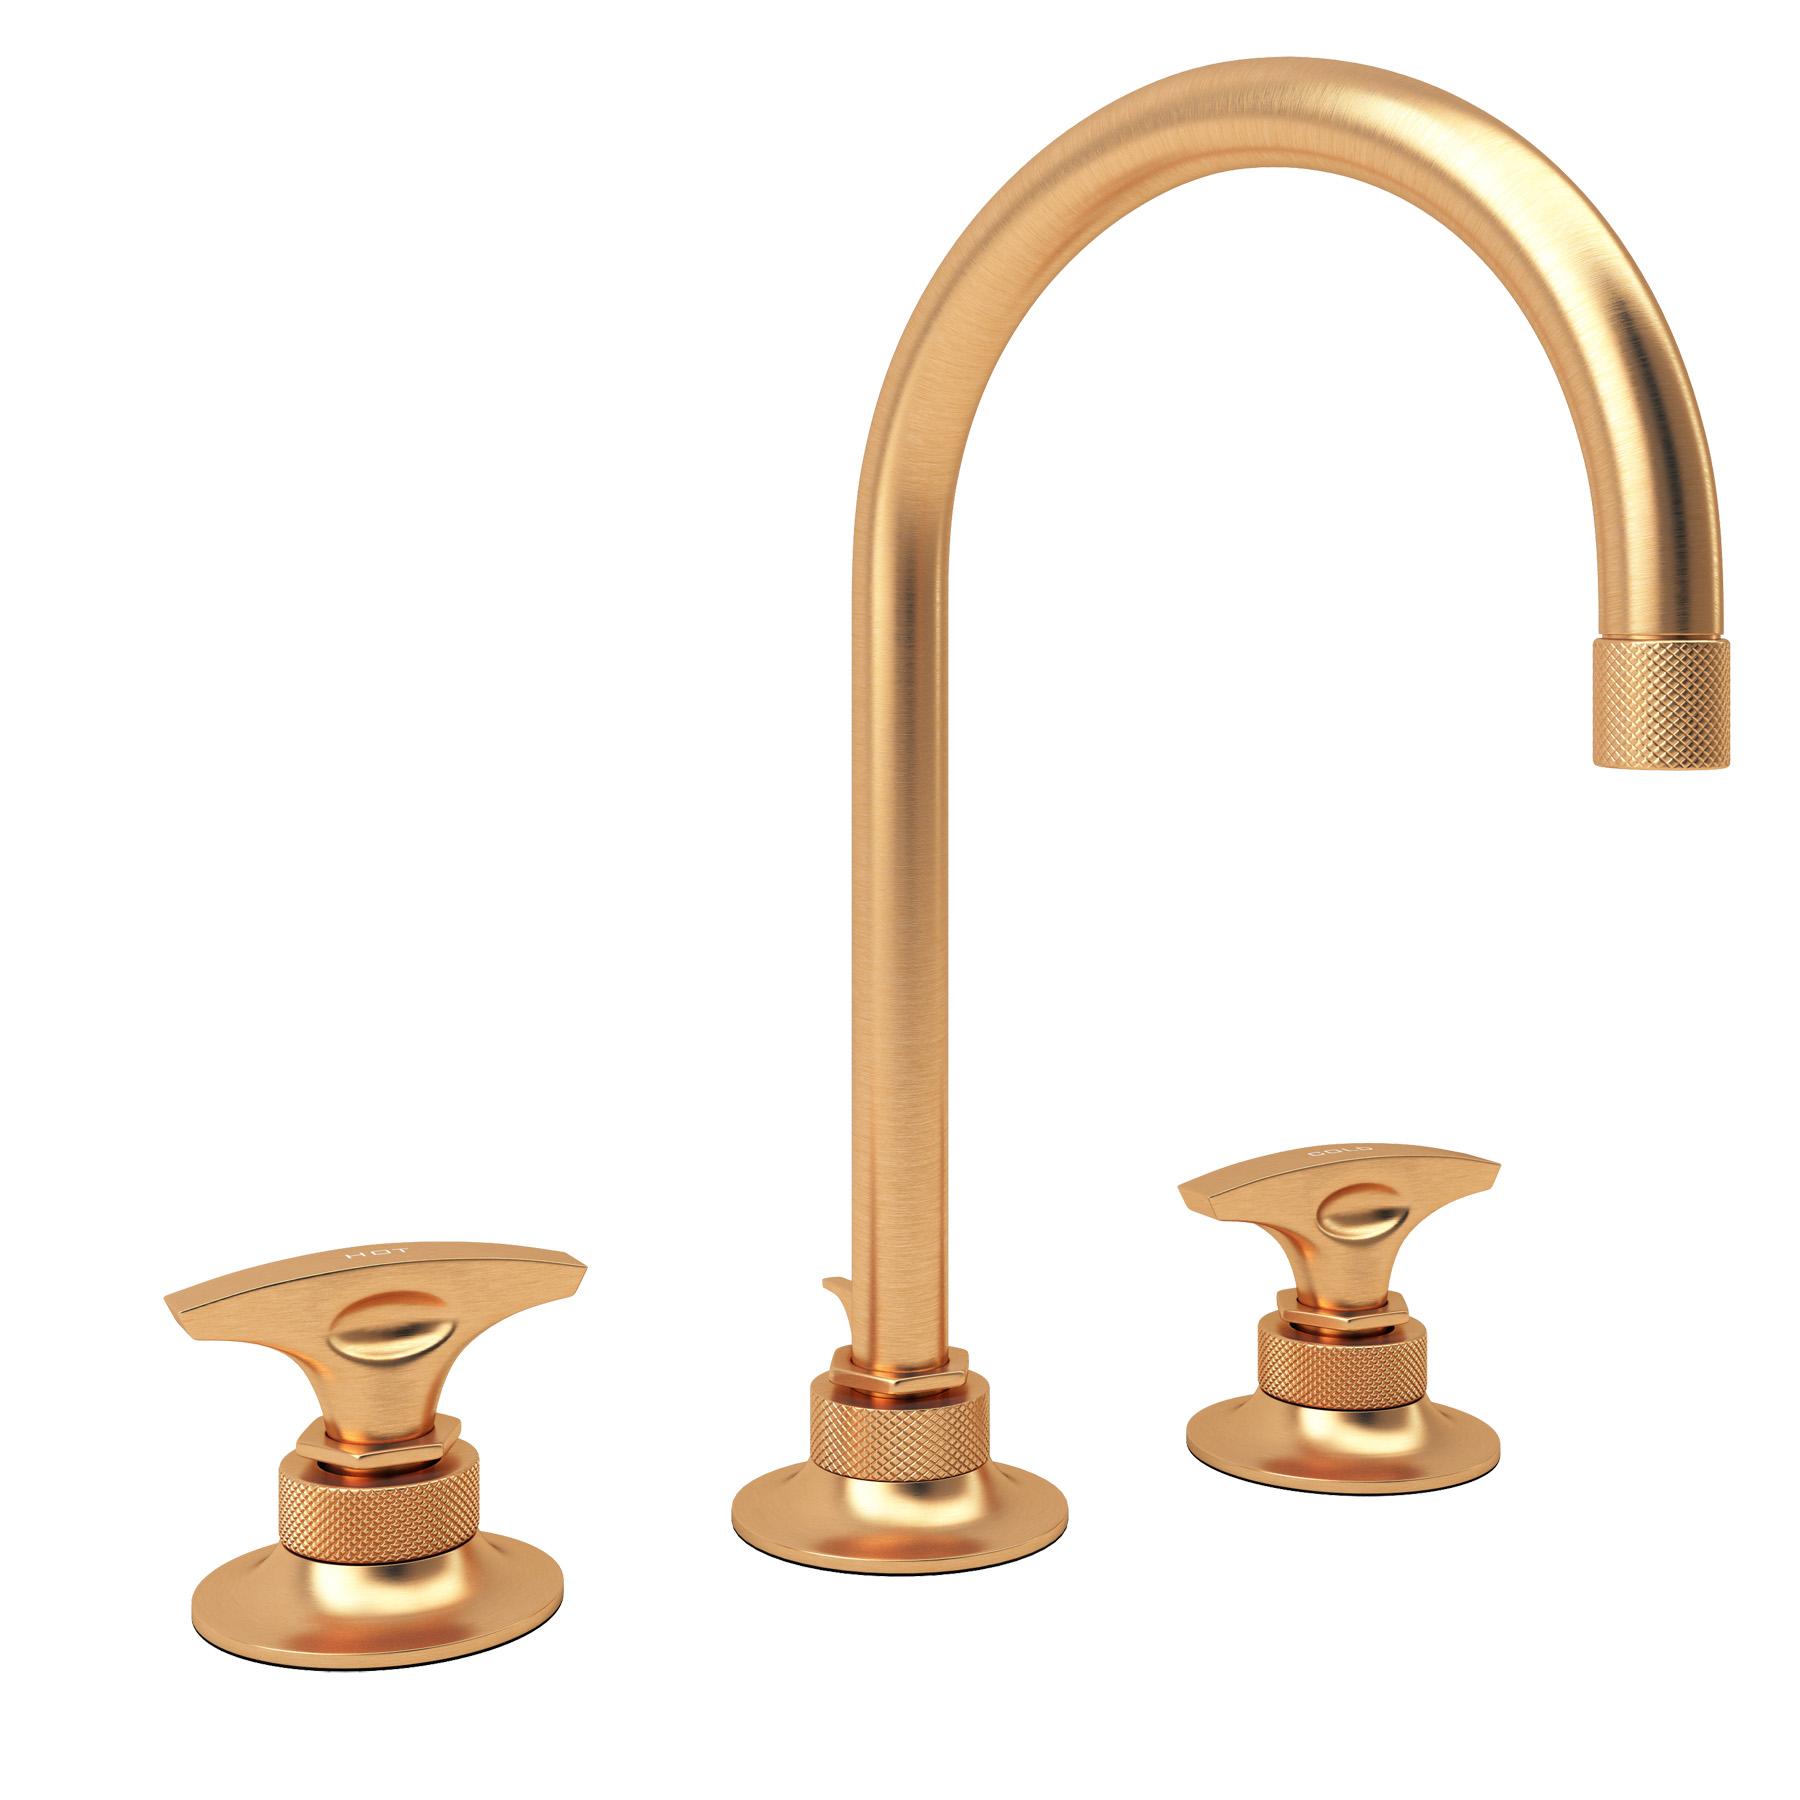 ROHL Michael Berman Graceline C-Spout Widespread Lavatory Faucet_MB2019_Satin Gold_Bath Faucet.jpg